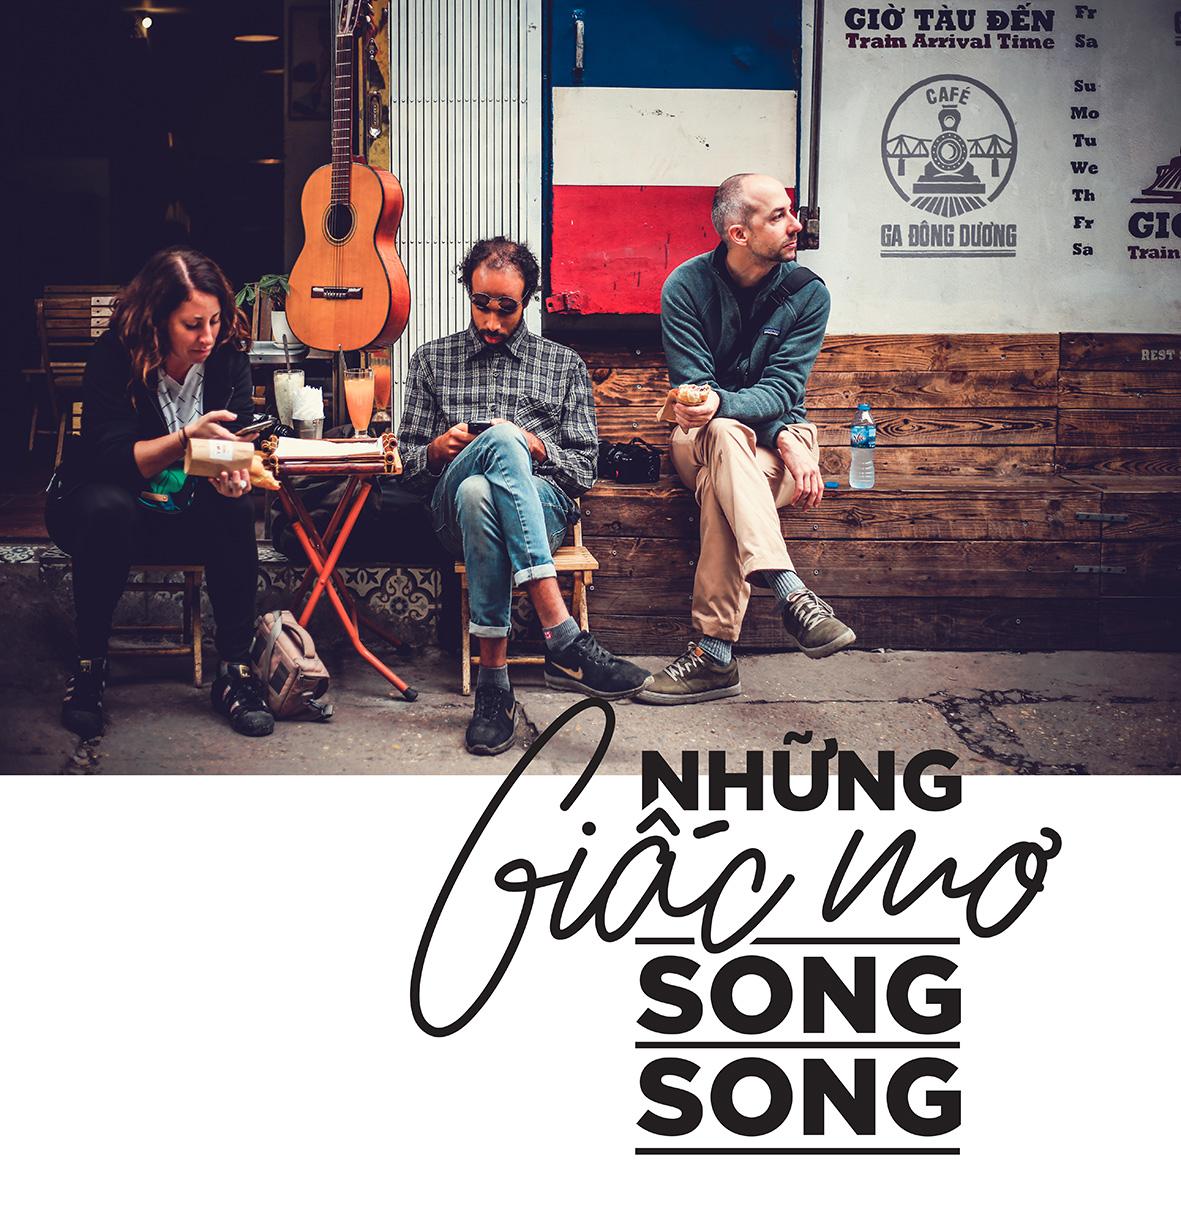 Nhung-giac-mo-song-song